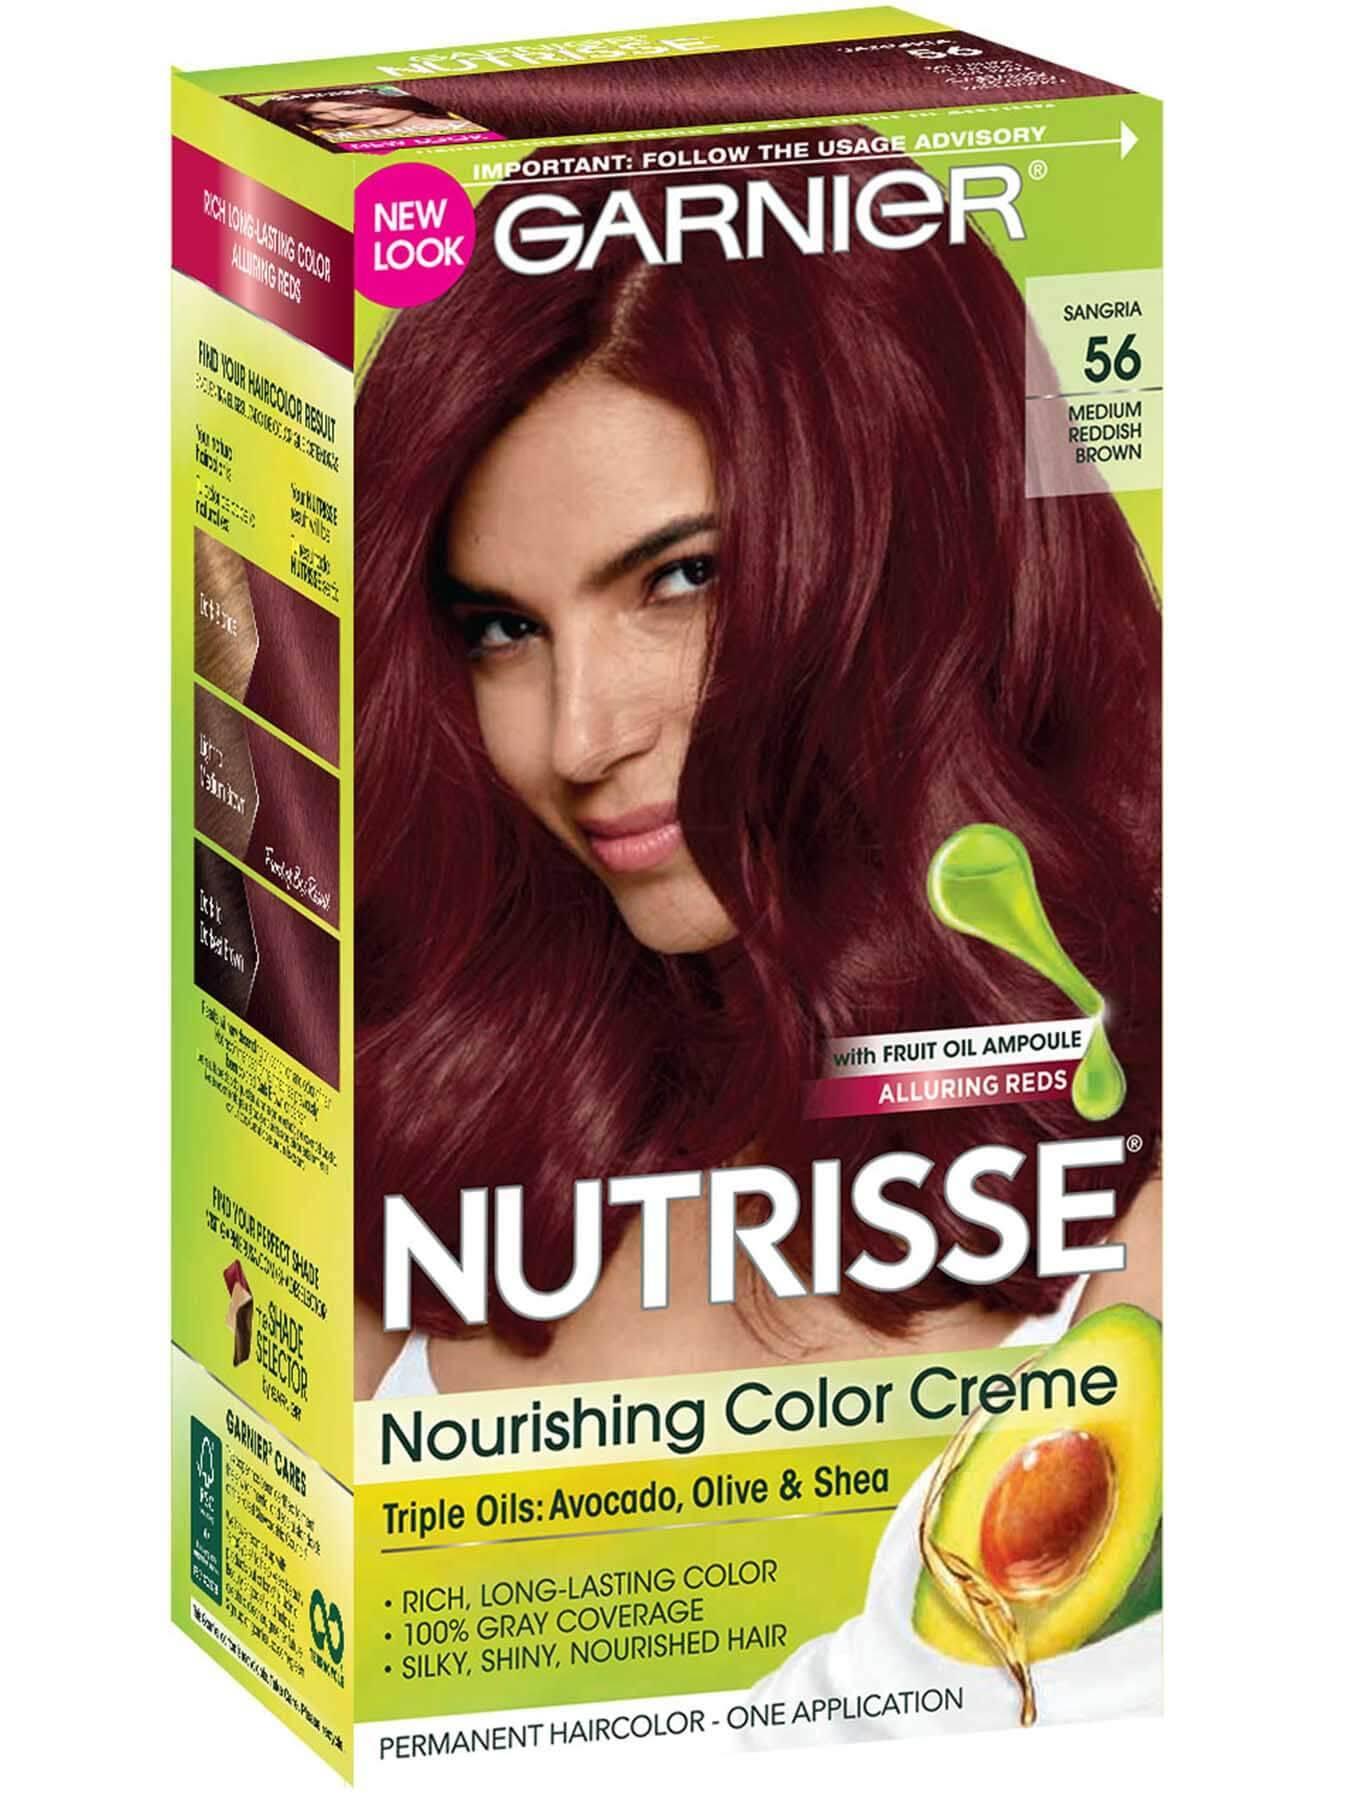 Brown Hair Color  Nutrisse Color Creme  Nourishing Permanent Hair Color  Garnier